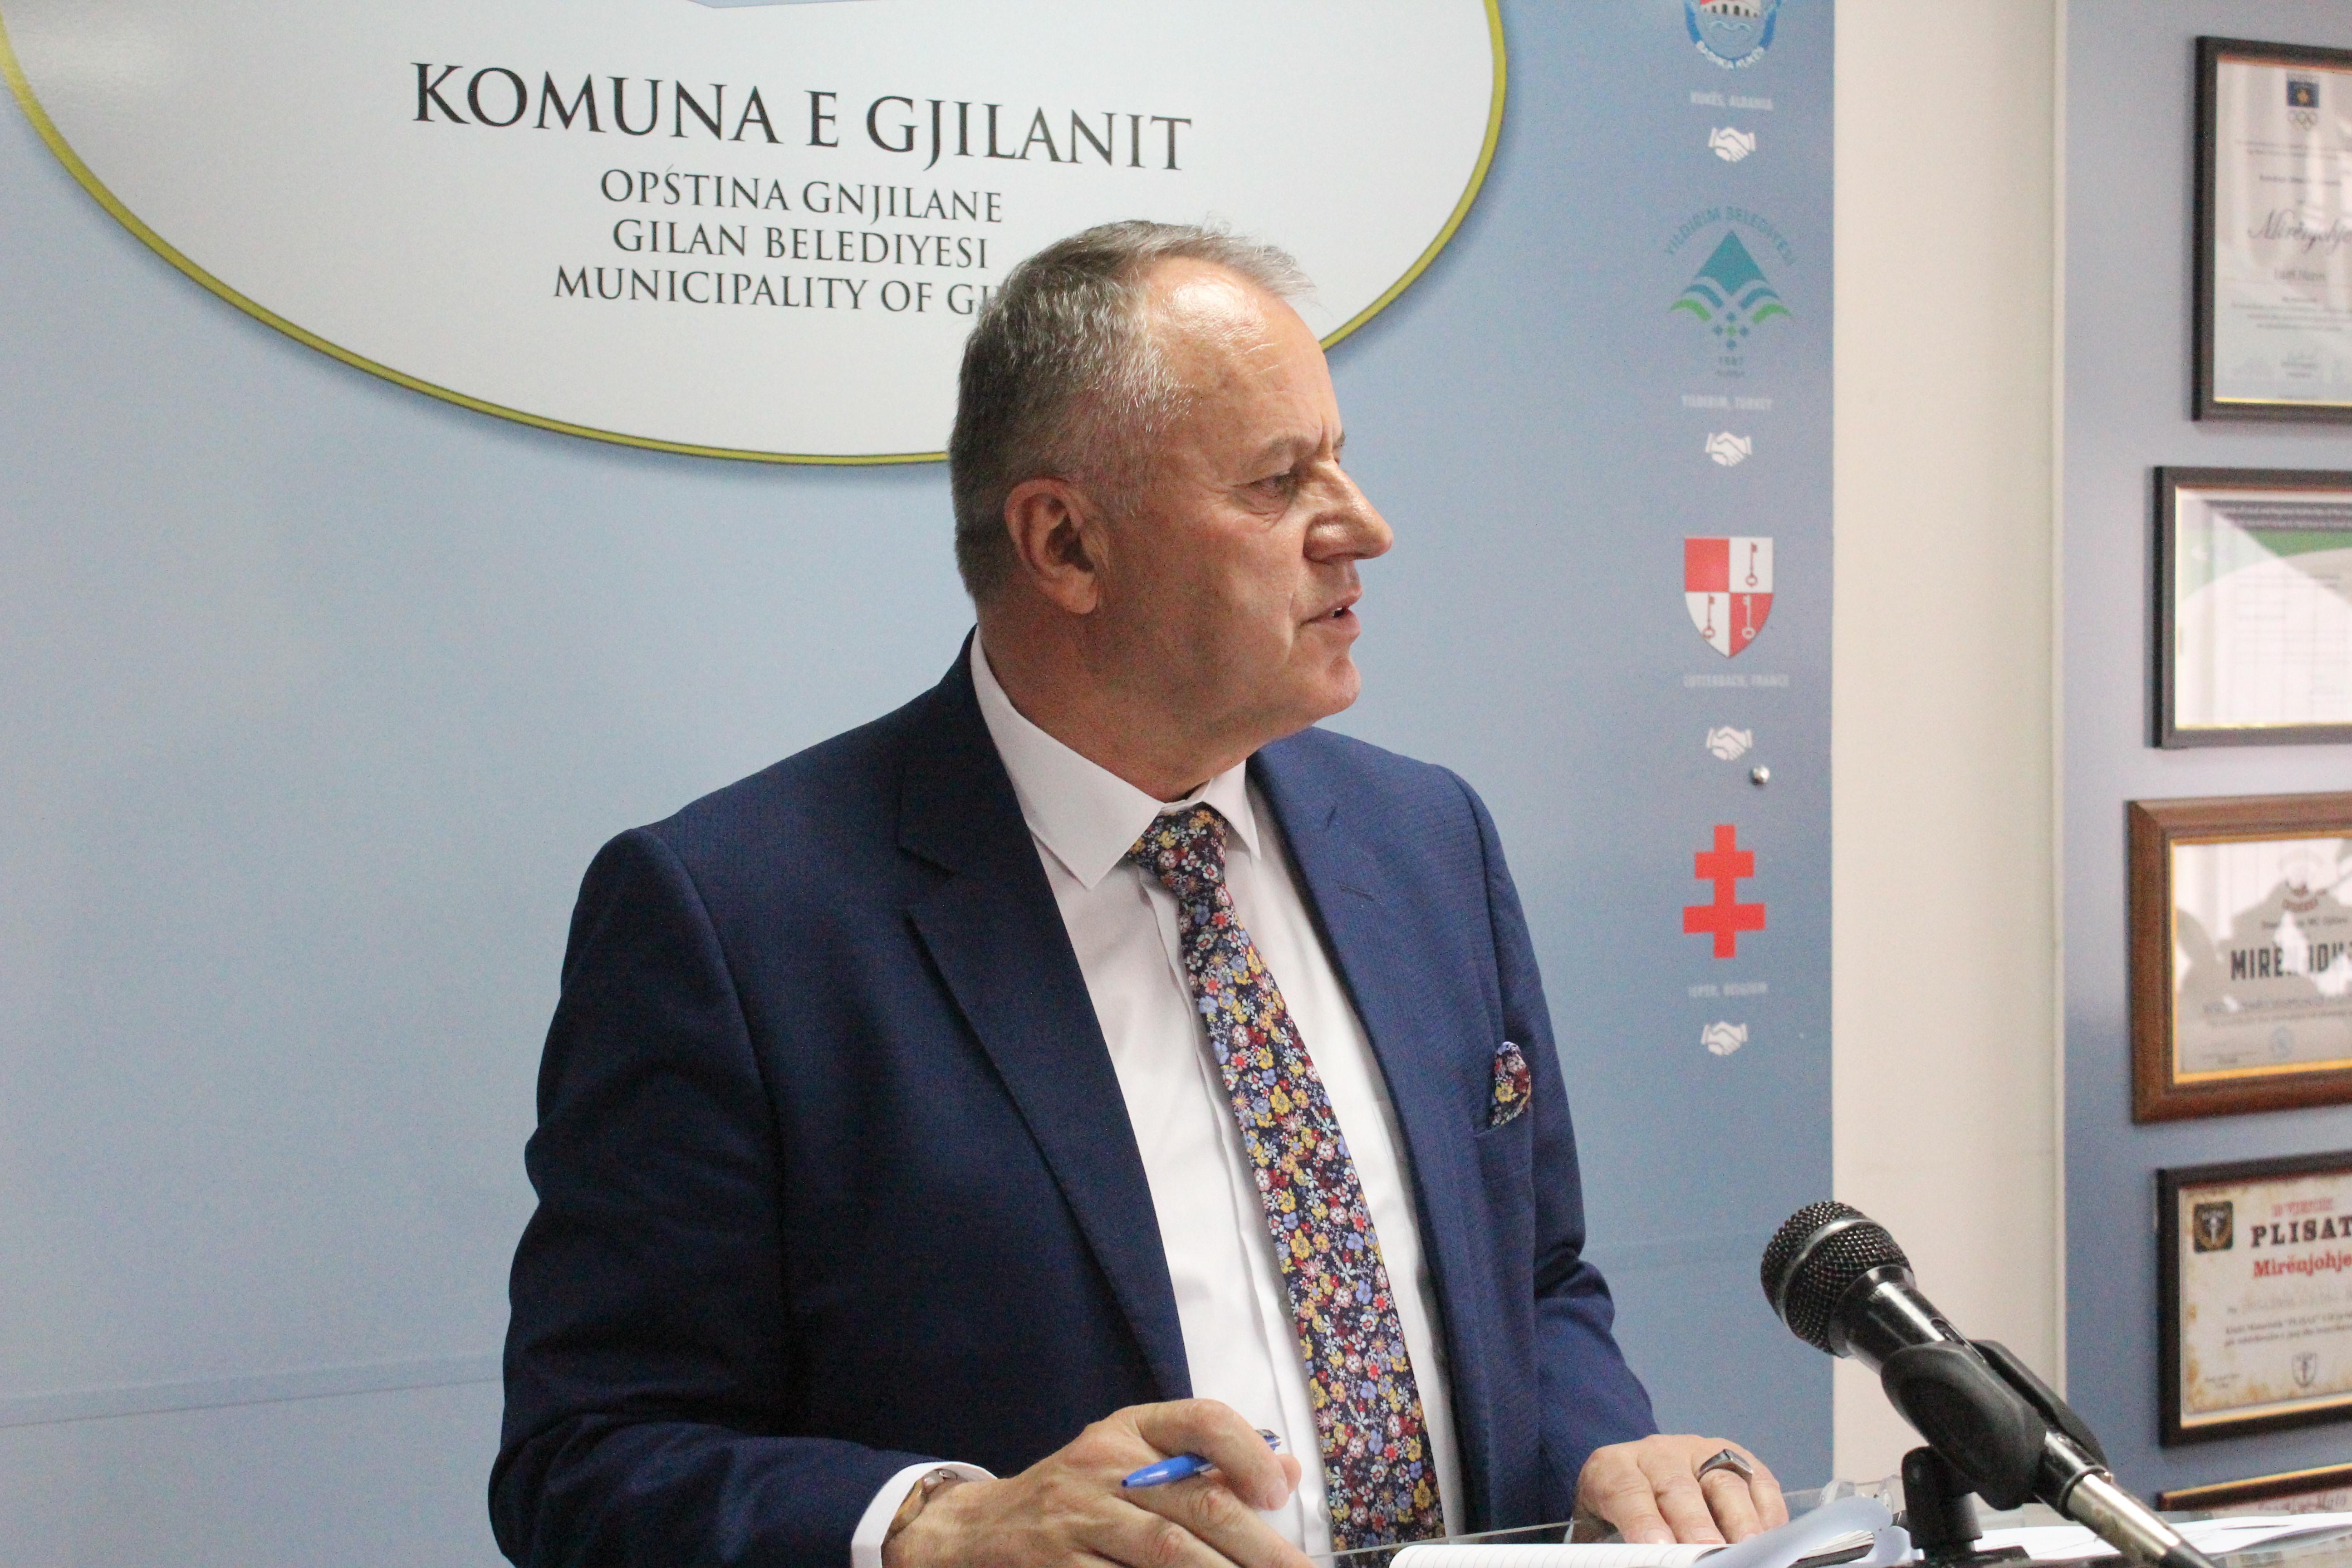 Kqiku: Prokurimi elektronik në Gjilan po zbatohet me shumë sukses